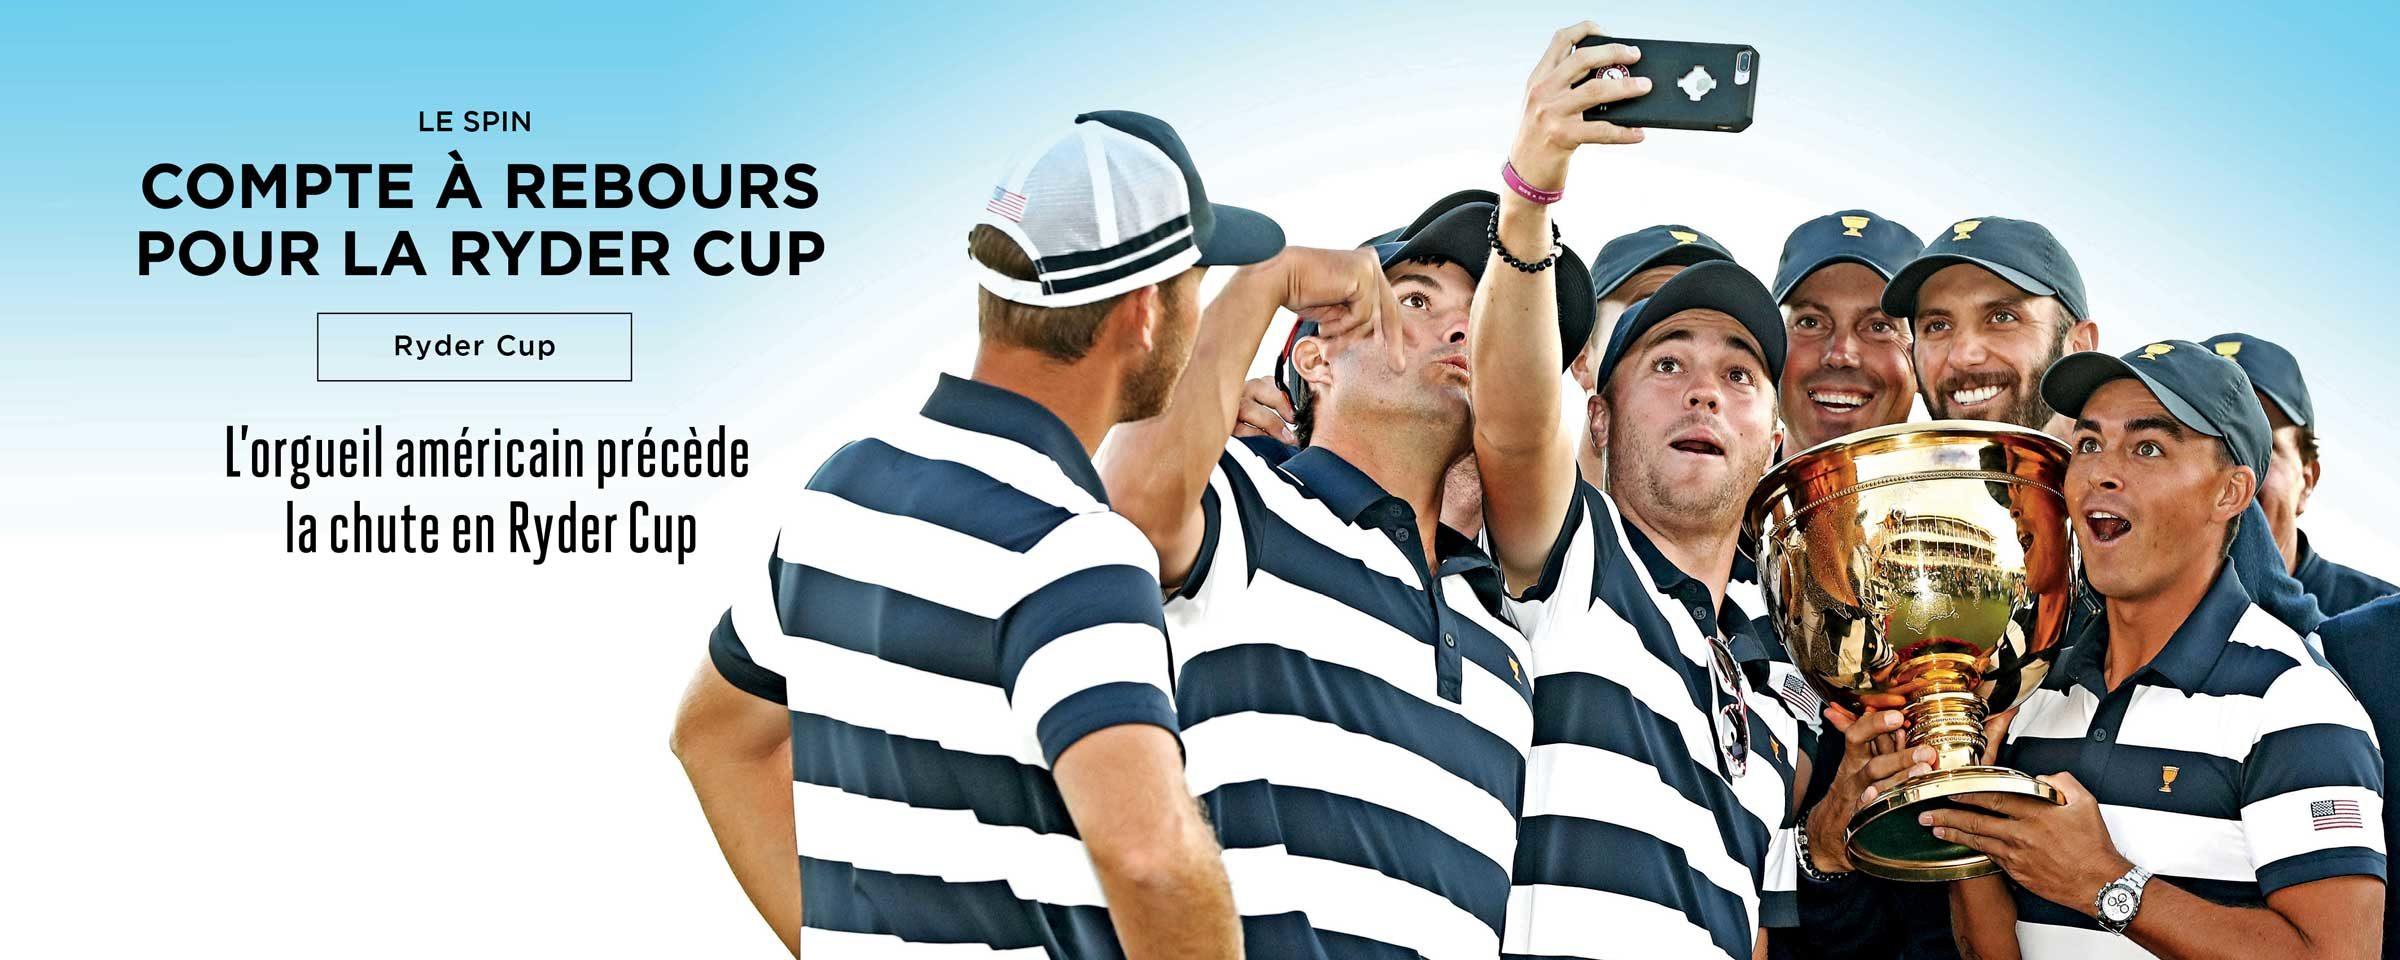 Compte à rebours pour la Ryder Cup